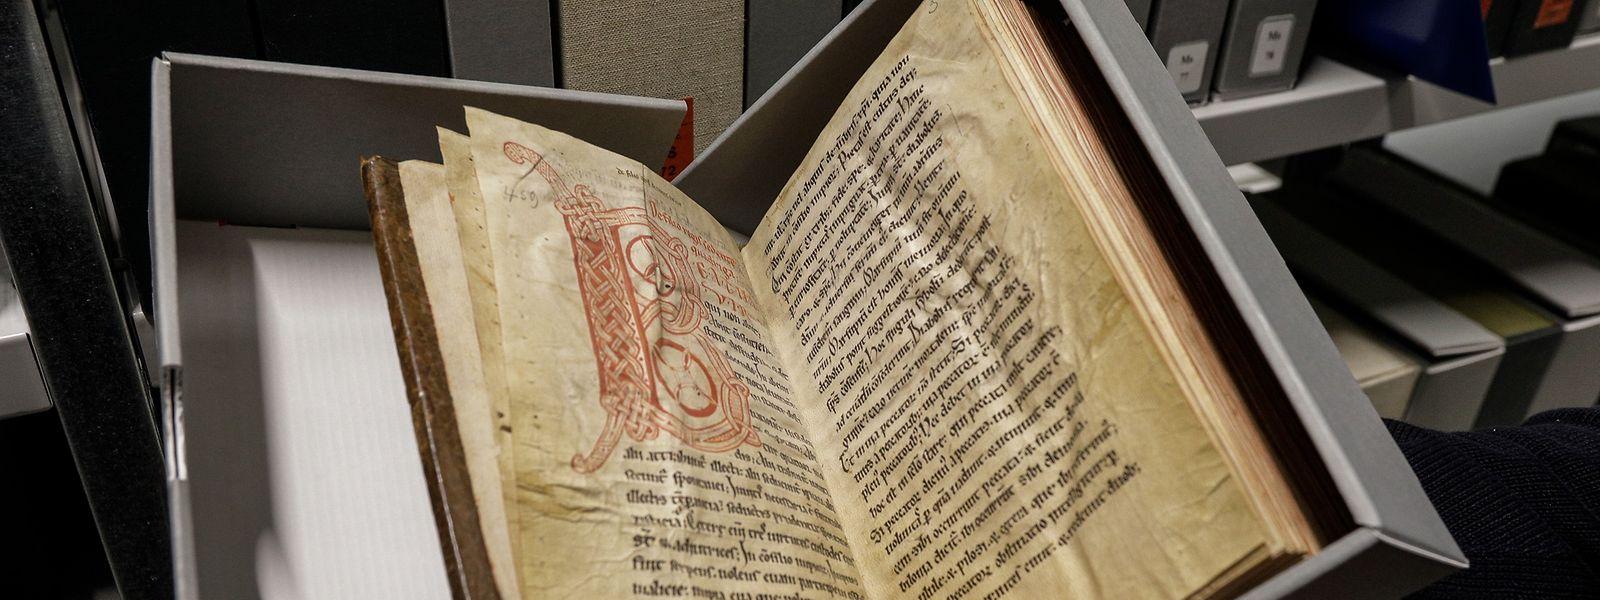 Spezielle säurefreie Kartons schützen die historischen Dokumente vor dem Zahn der Zeit.